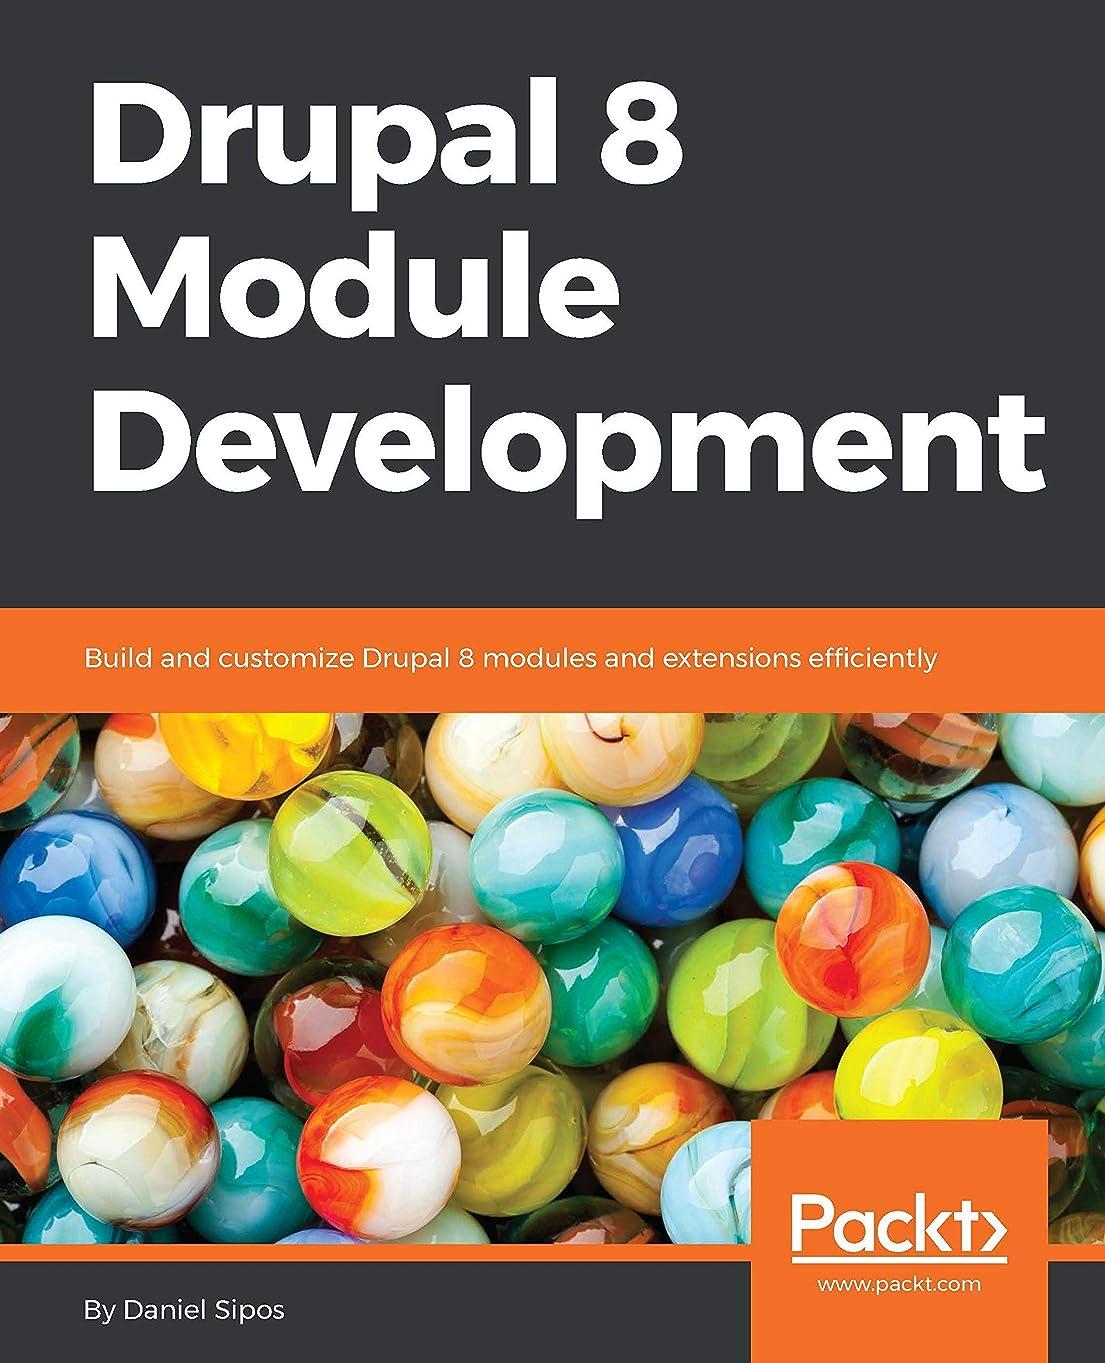 機動安全でないうぬぼれDrupal 8 Module Development: Build and customize Drupal 8 modules and extensions efficiently (English Edition)